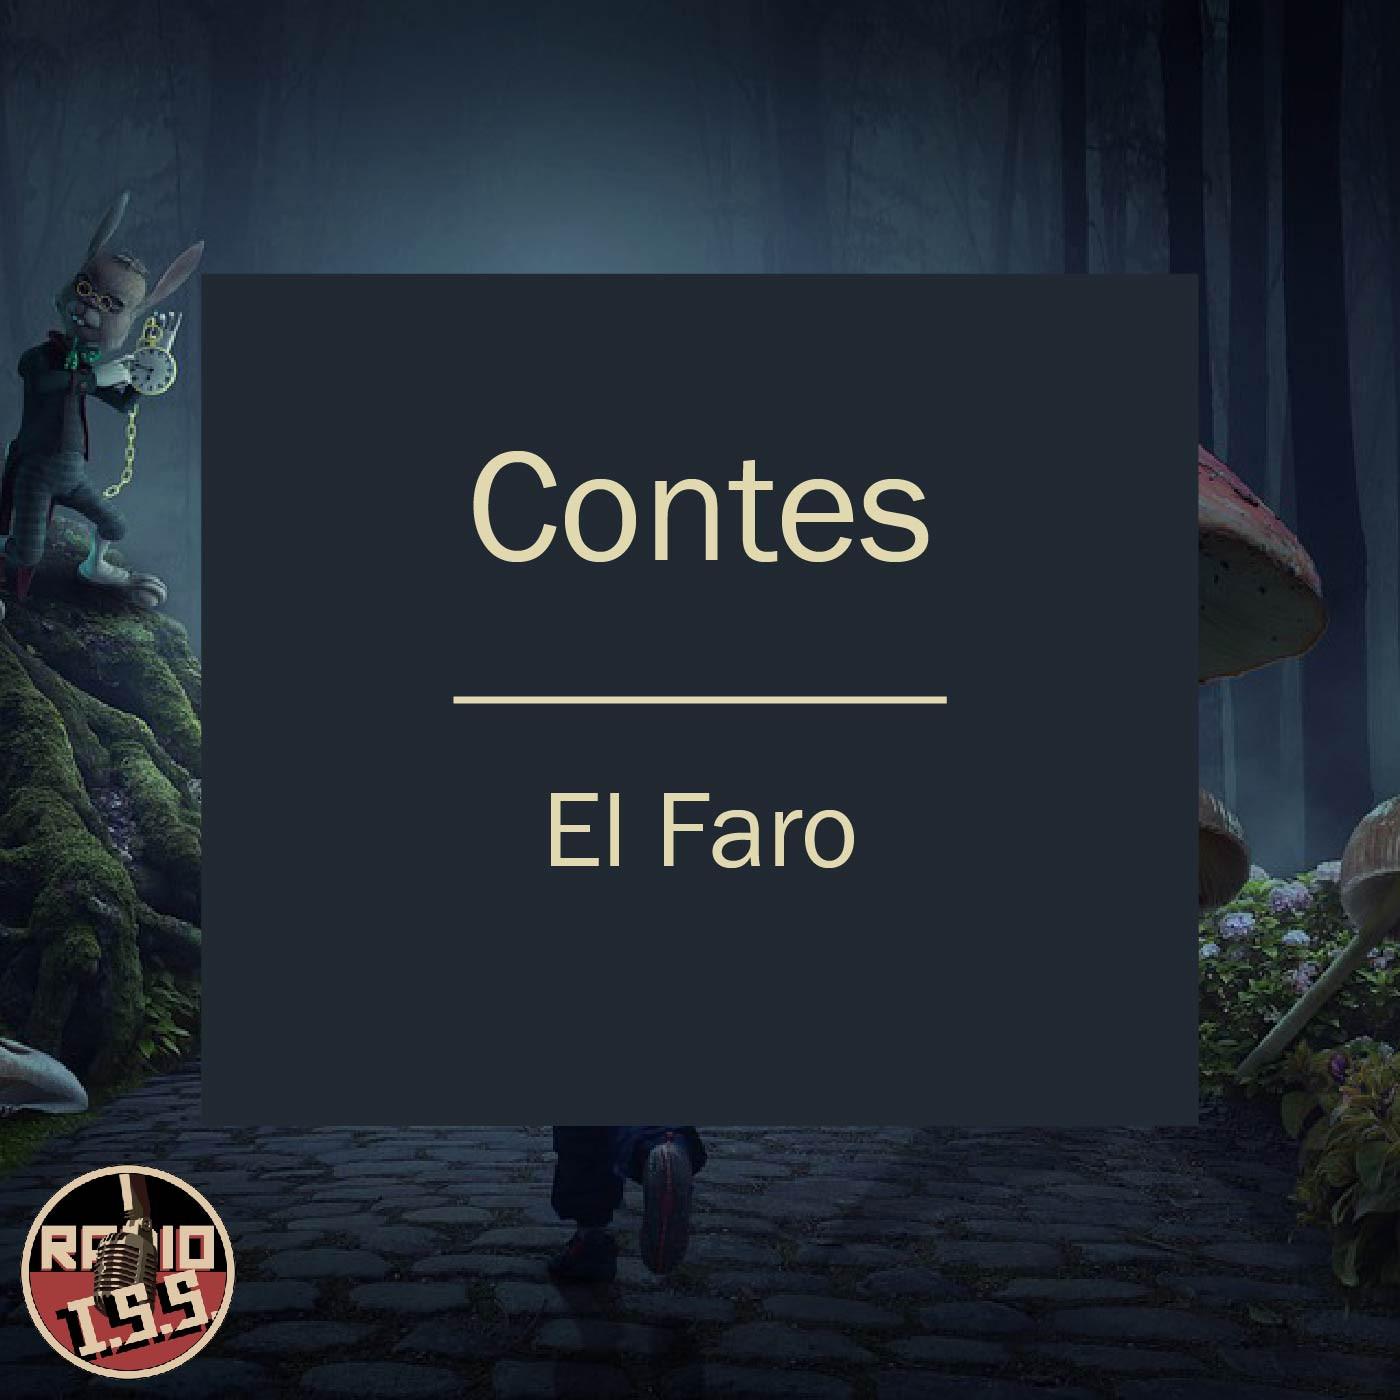 Contes #3 - El Faro